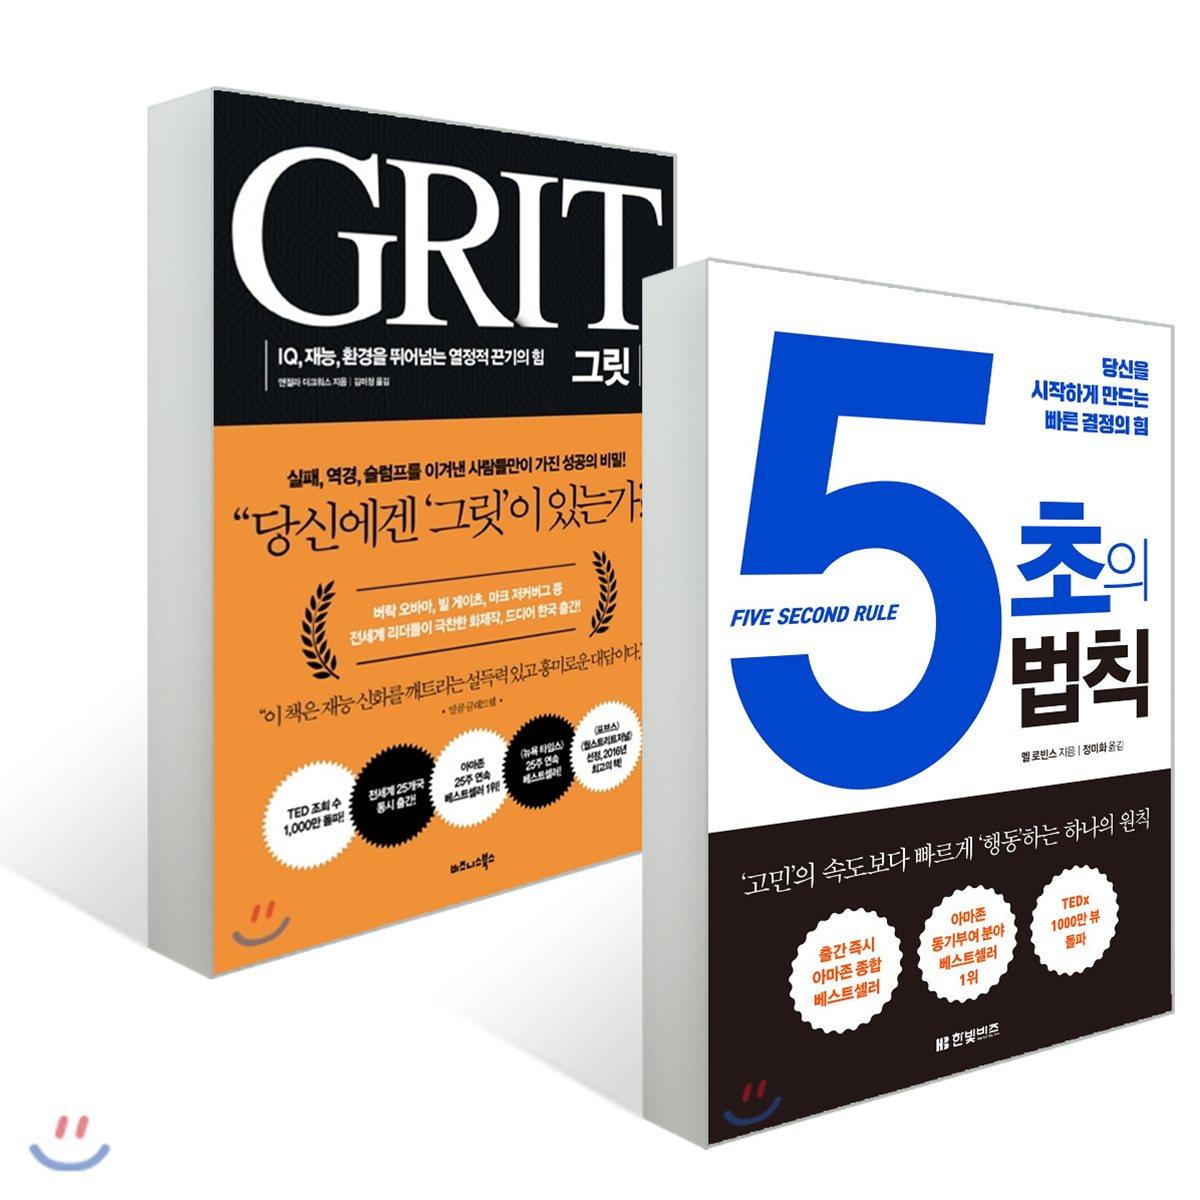 그릿 GRIT + 5초의 법칙